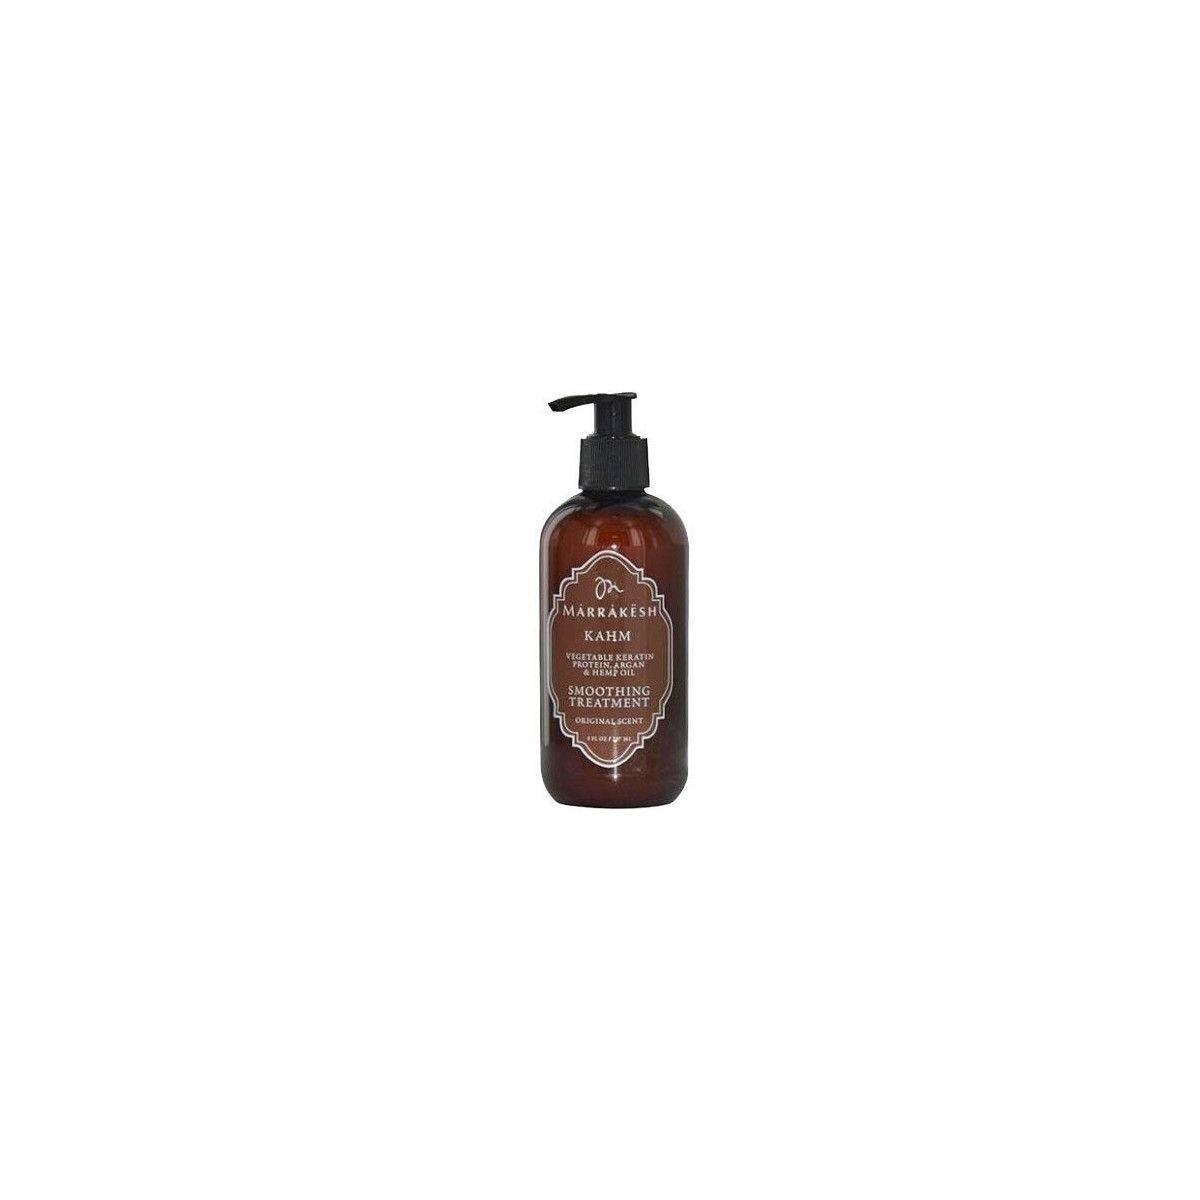 Marrakesh KAHM Smoothing Treatment odżywka w sprayu z olejkiem arganowym 237ml